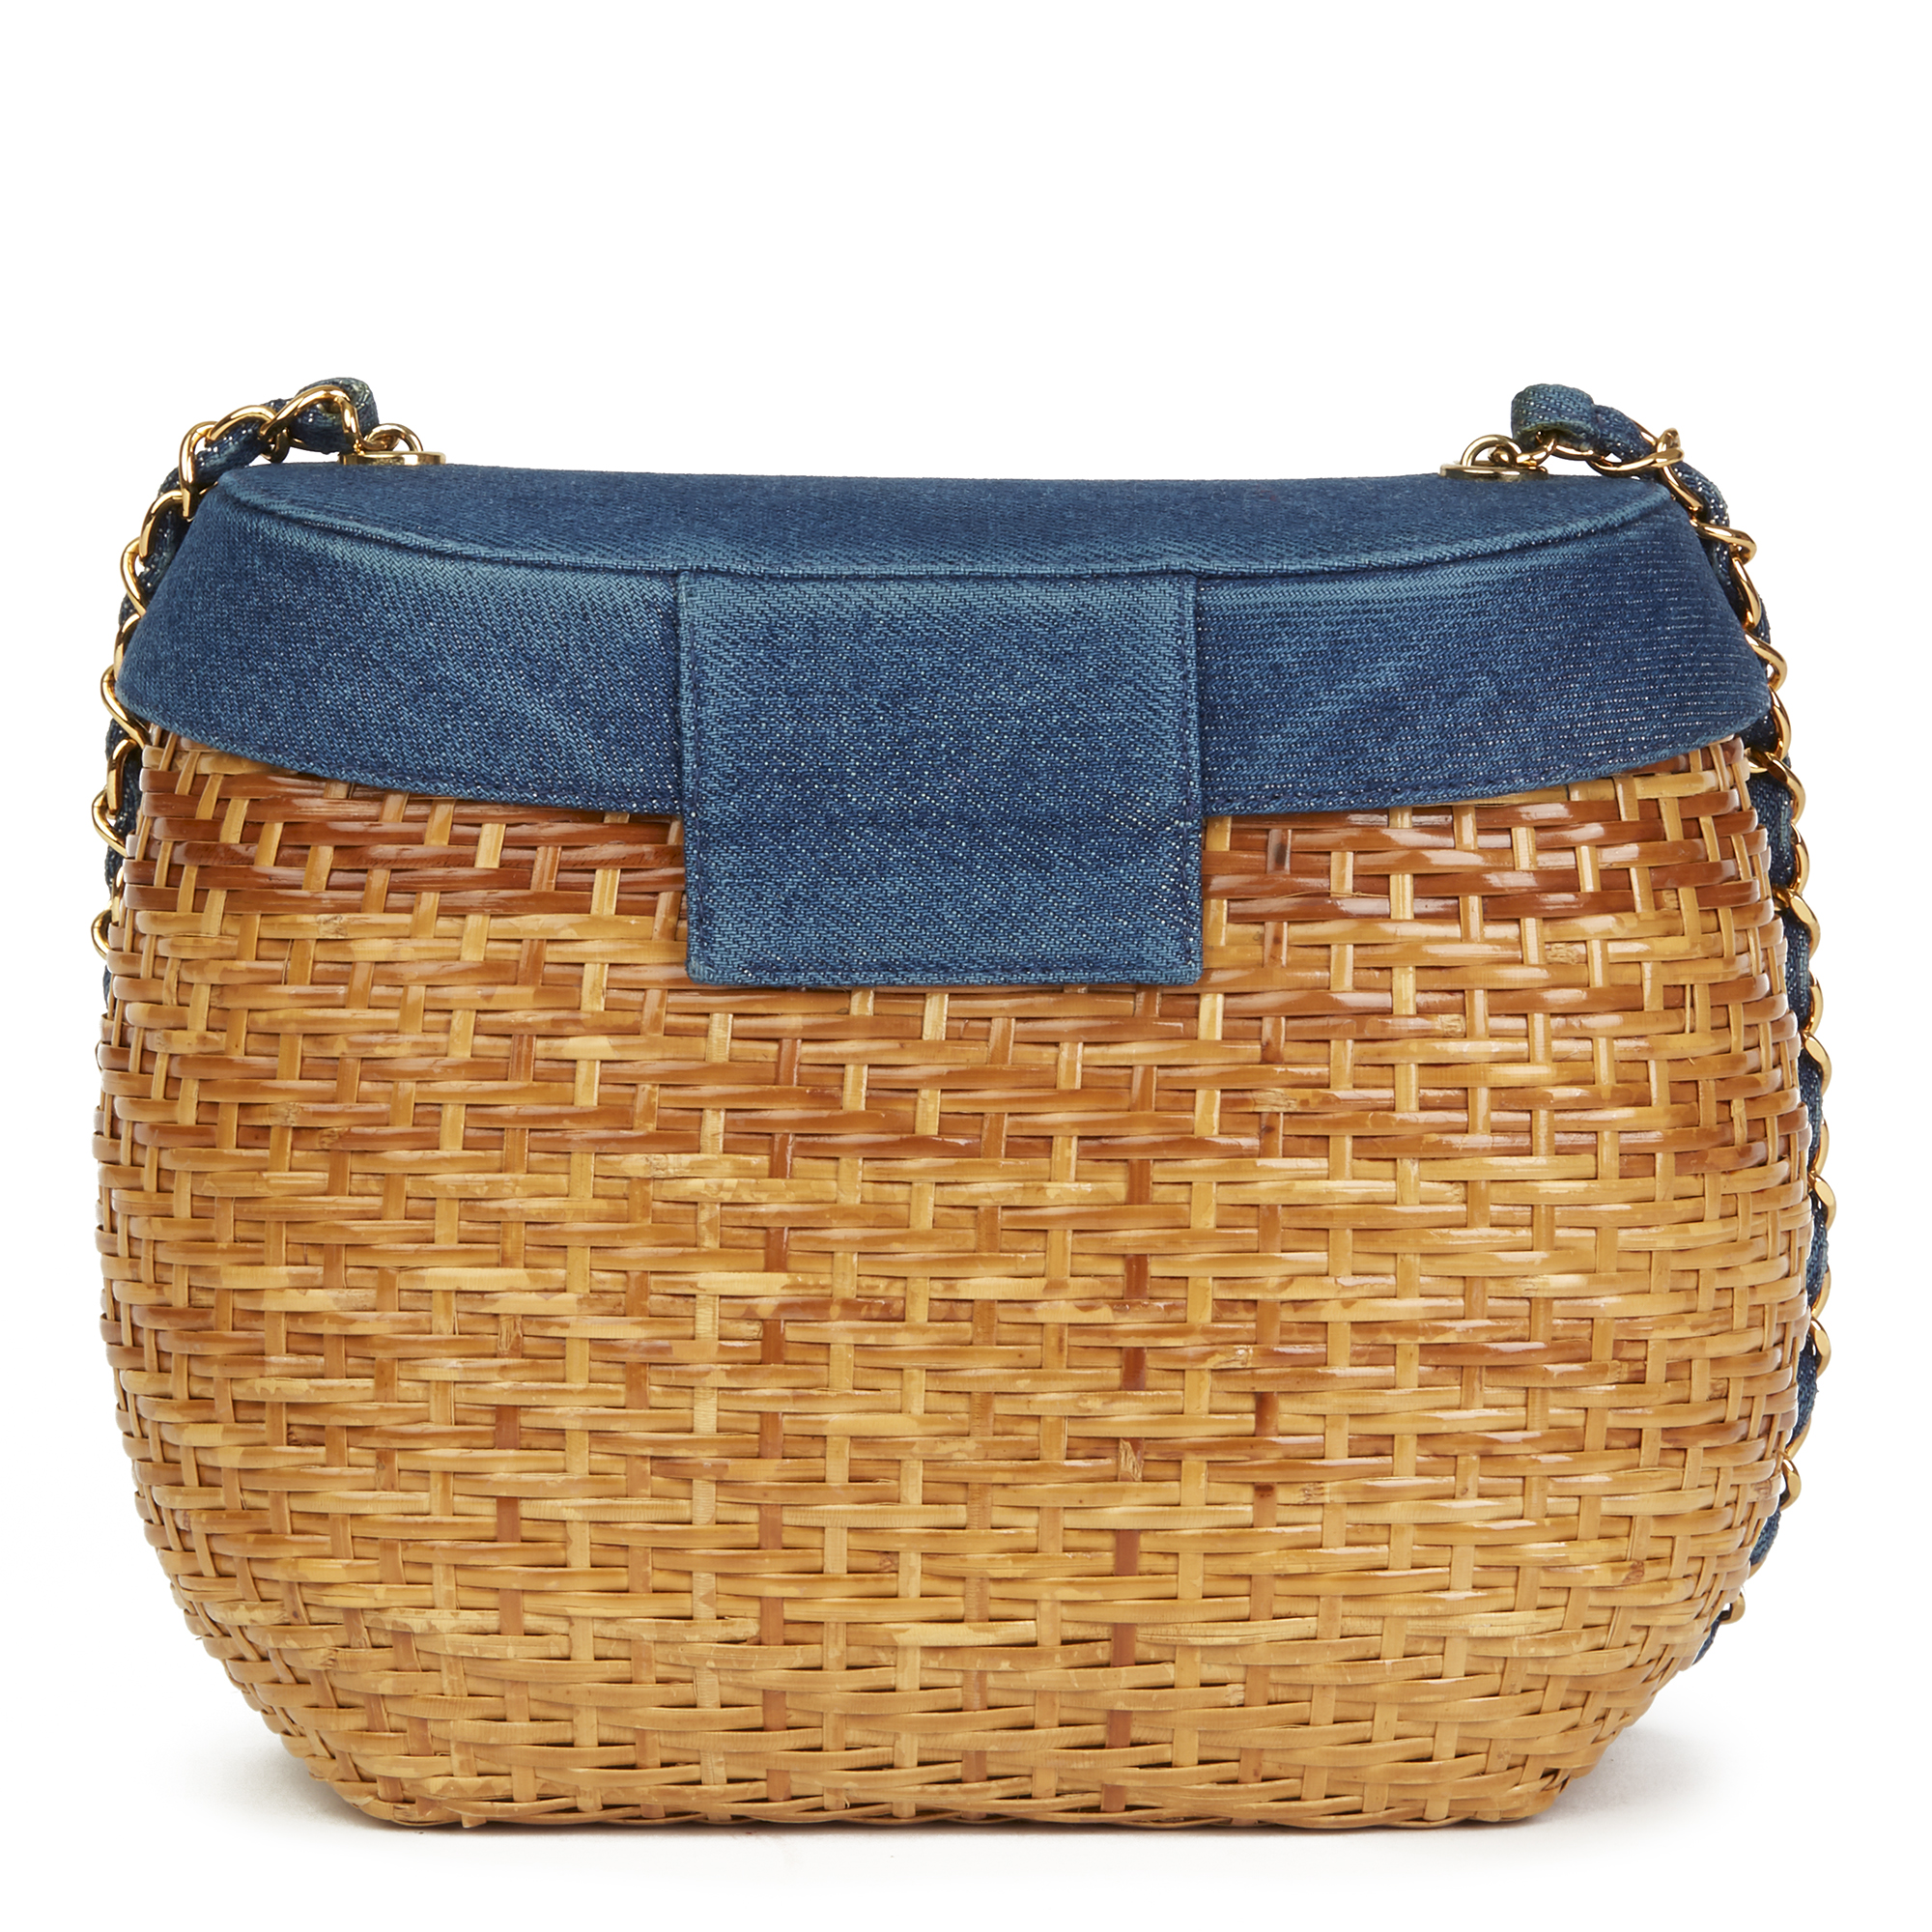 600f3560732d Details about CHANEL BLUE DENIM & WOVEN STRAW 'PICNIC' VINTAGE BASKET BAG  HB2496